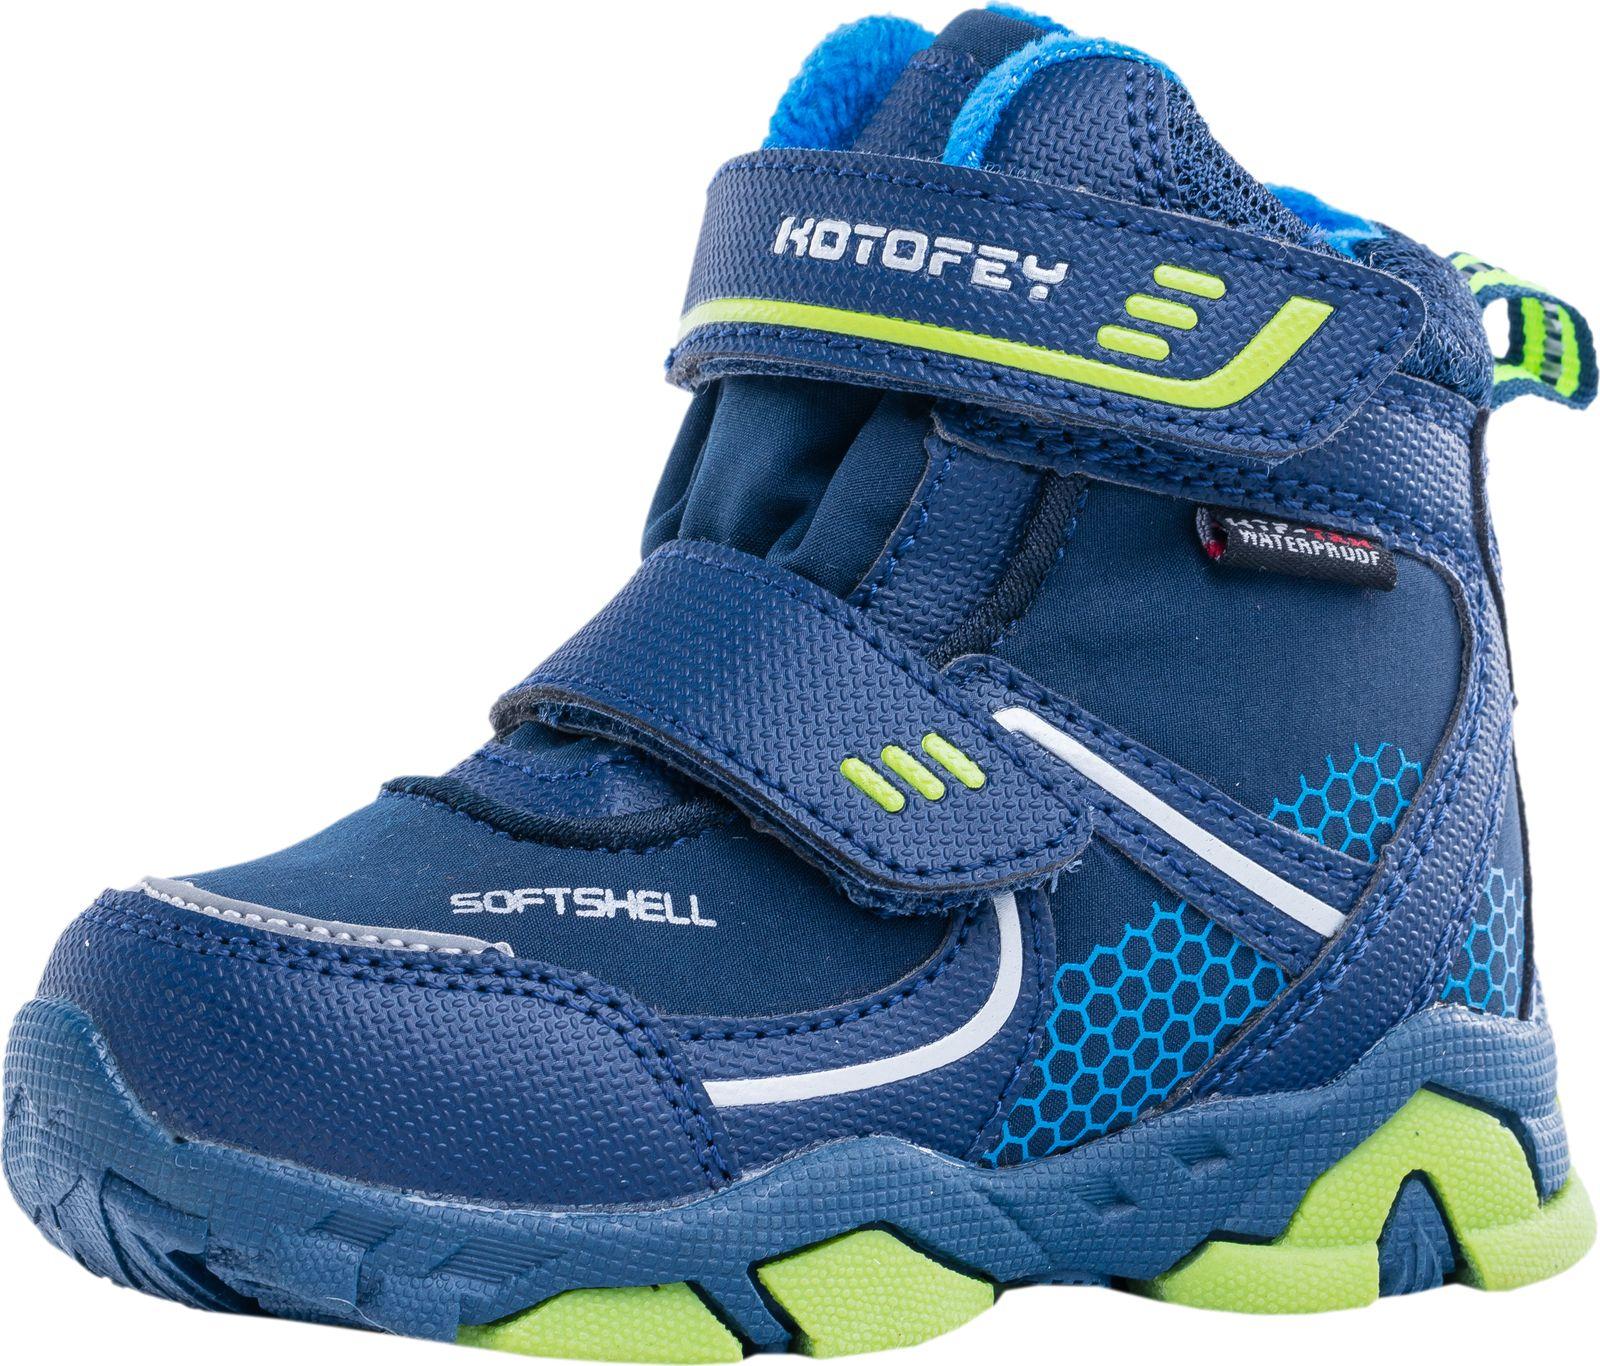 Ботинки для мальчика Котофей, цвет: синий, голубой. 254961-41. Размер 26254961-41Ботинки из комбинированных материалов верха с использованием мембранной технологии. Комбинация технологий KTF-TEX и SOFT SHELL позволяют ножкам оставаться в тепле в любую погоду. Контрастная расцветка, усиление носочной и пяточной частей – все, для большего удобства и красоты. Подкладка - утепленная, из шерстяного меха. Язычок ботинка вшит по бокам практически до самого верха, тем самым предотвращая попадание снега и воды внутрь. На ноге модель фиксируется с помощью 2-ух липучек, что придает ей максимальную раскрываемость и идеально подходит для ножек с высоким подъемом. Подошва из материала ТЭП не скользит и обладает повышенной износостойкостью. Особенно хороши для активных прогулок.